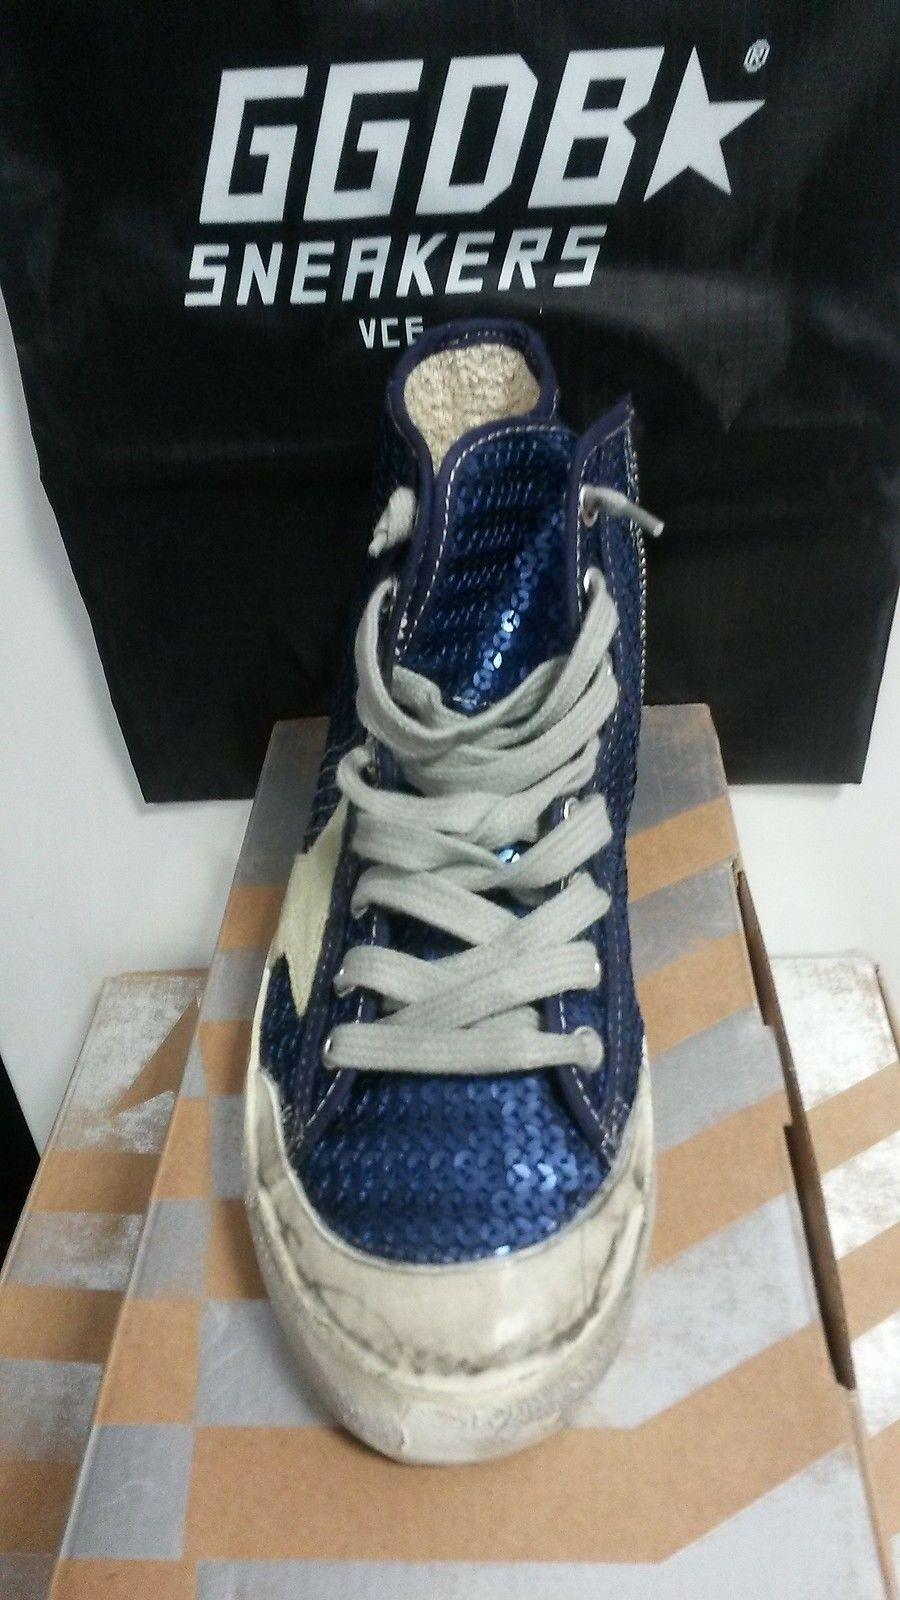 ORIGINAL G24D120P4 GOLDEN GOOSE SNEAKERS Francy G24D120P4 ORIGINAL Paillettes Bleu Encre 35 *NEUF* b9e5c0